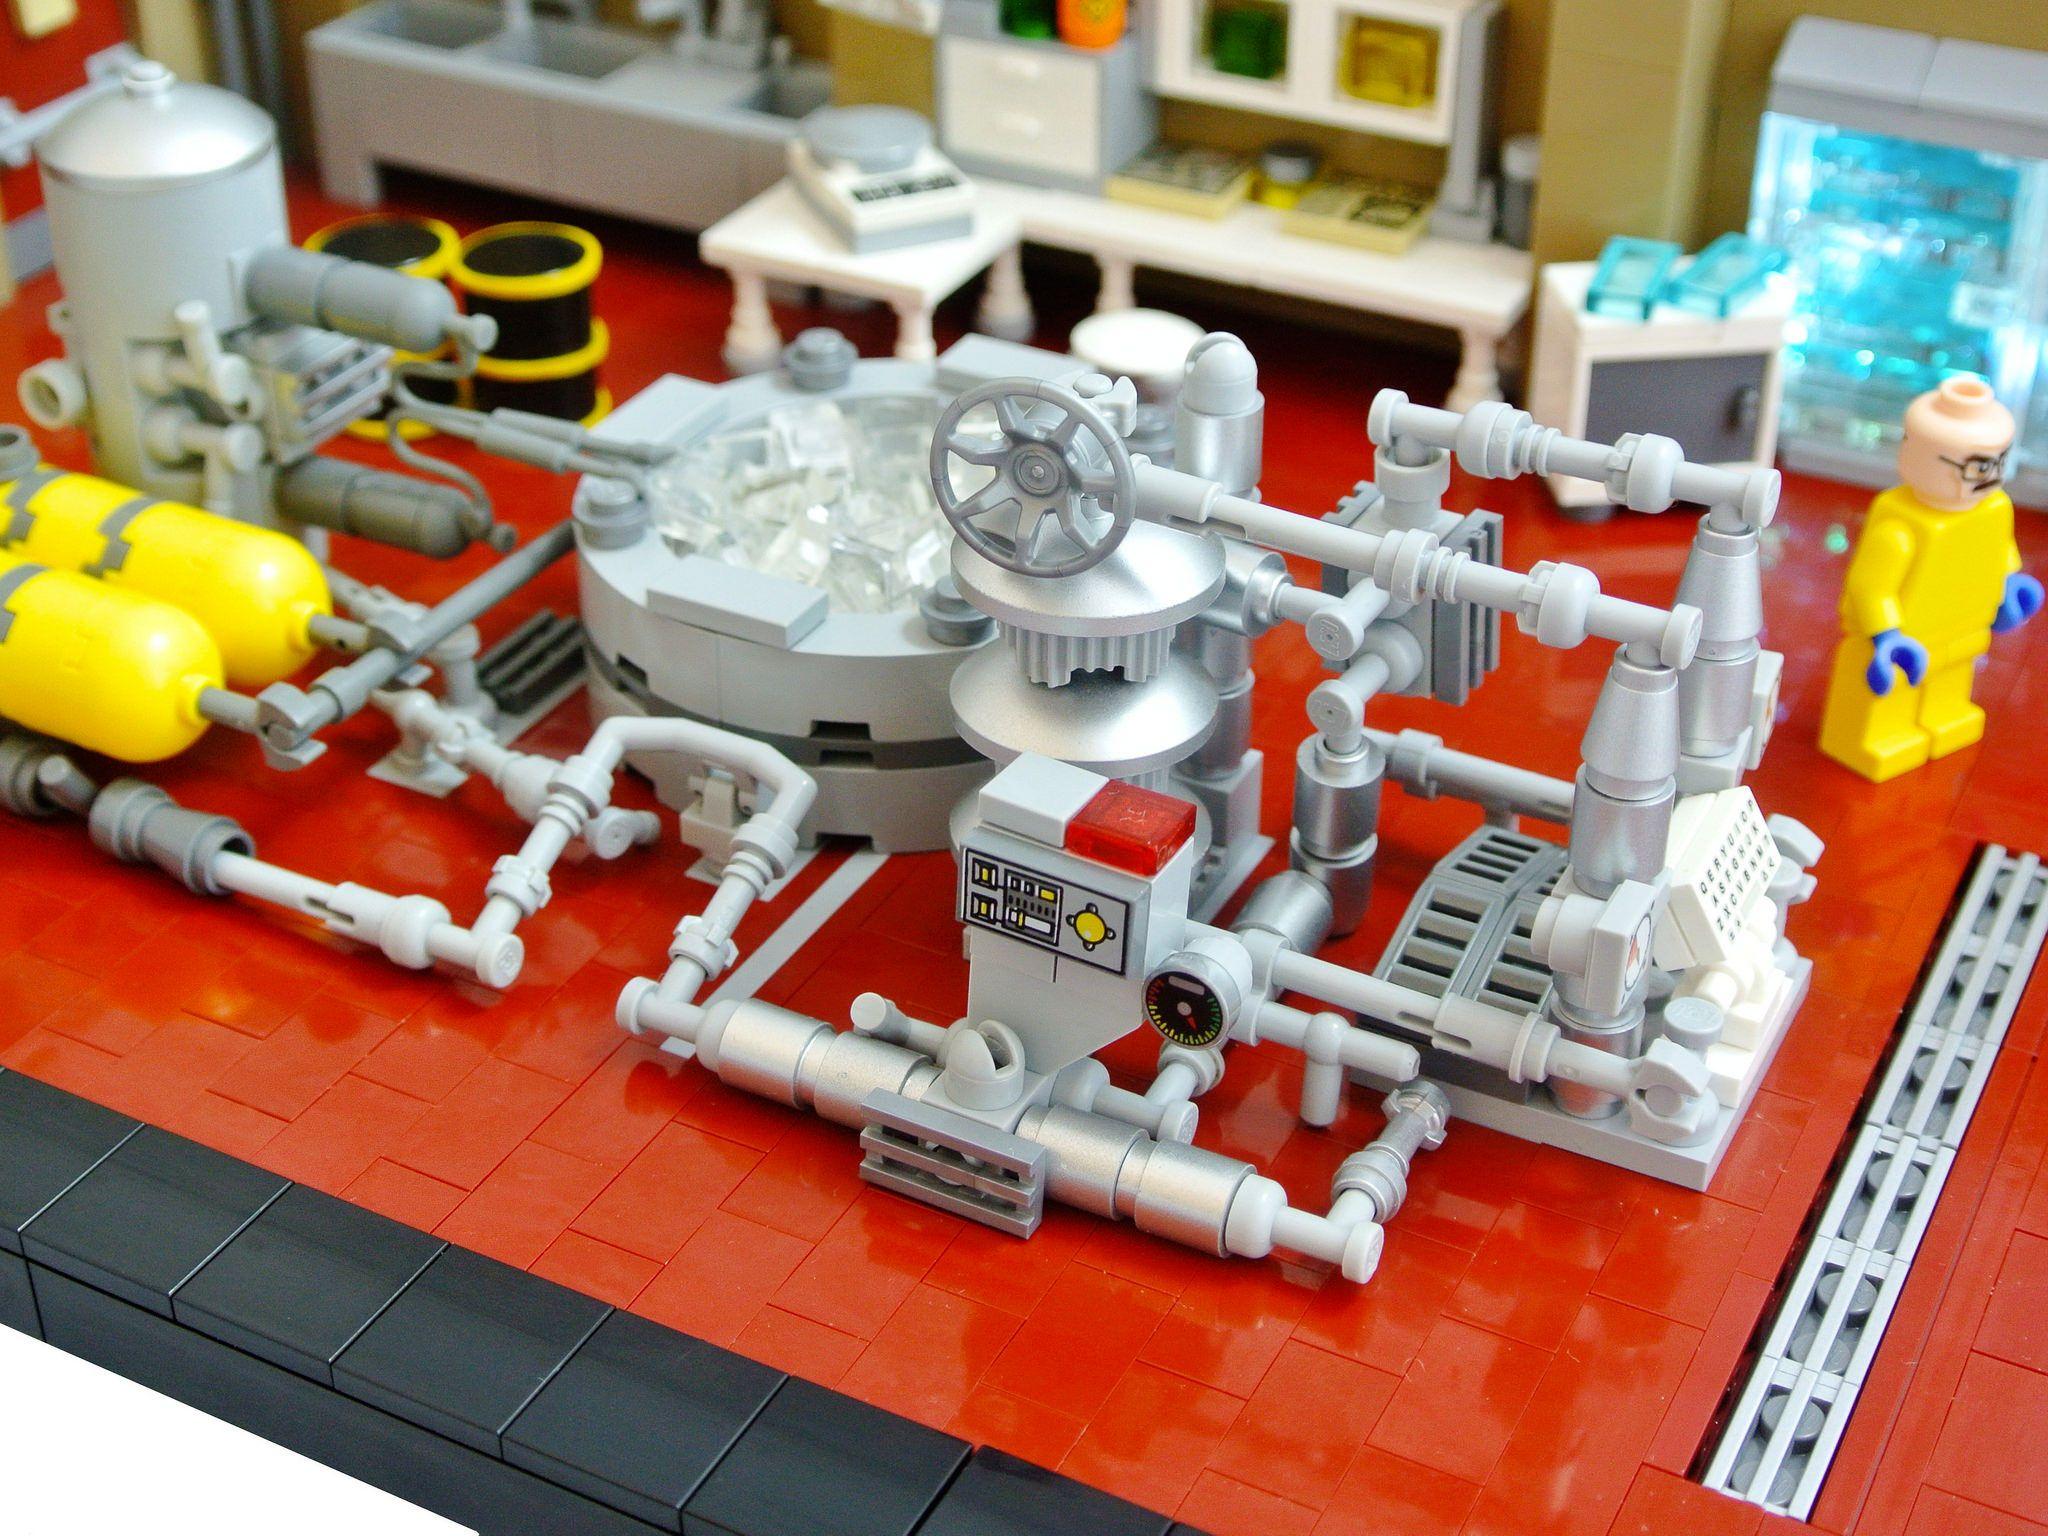 Labo Le LegoLegos Breaking En LegoWalter De D'amphet Bad ON0nw8mv